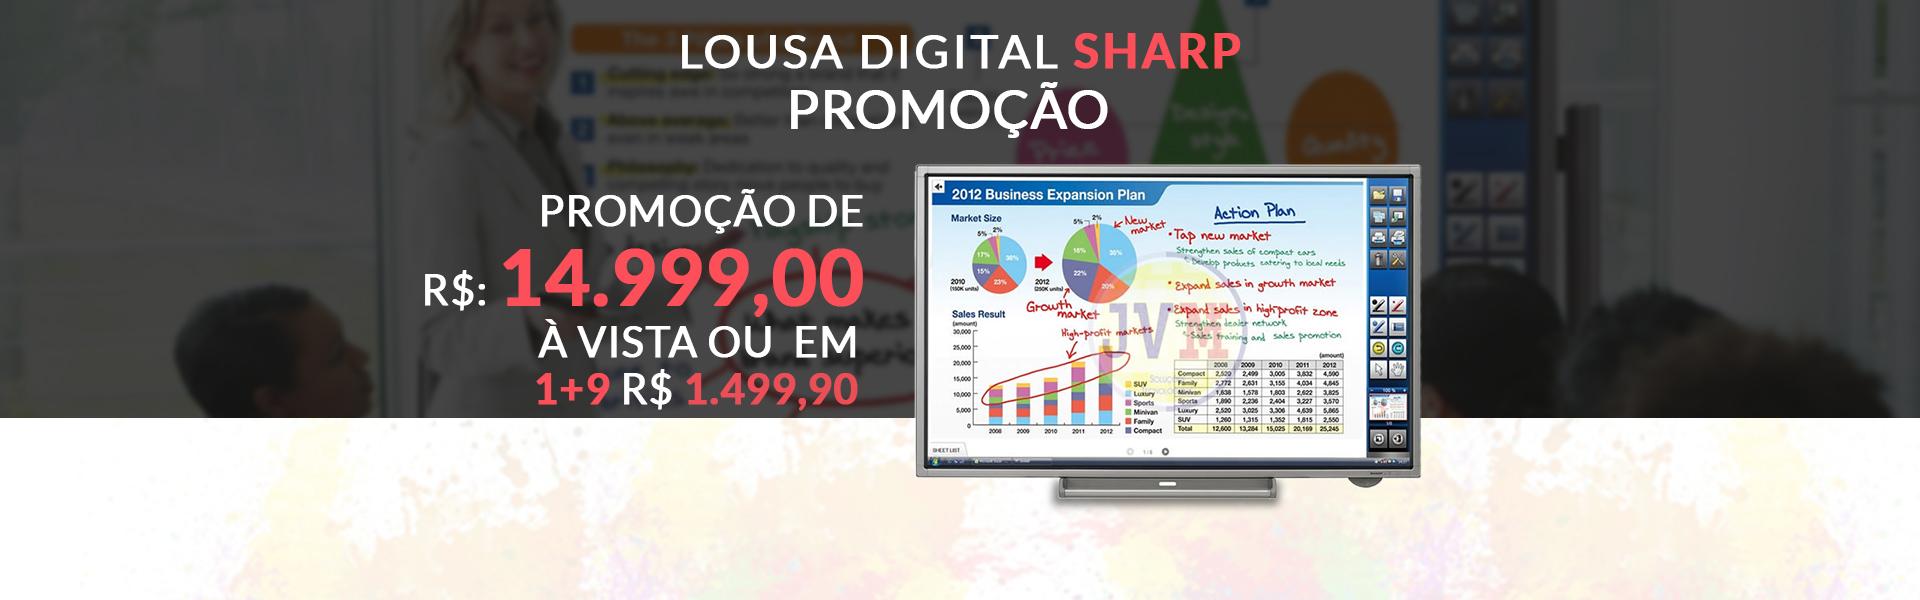 Lousa Digital Sharp